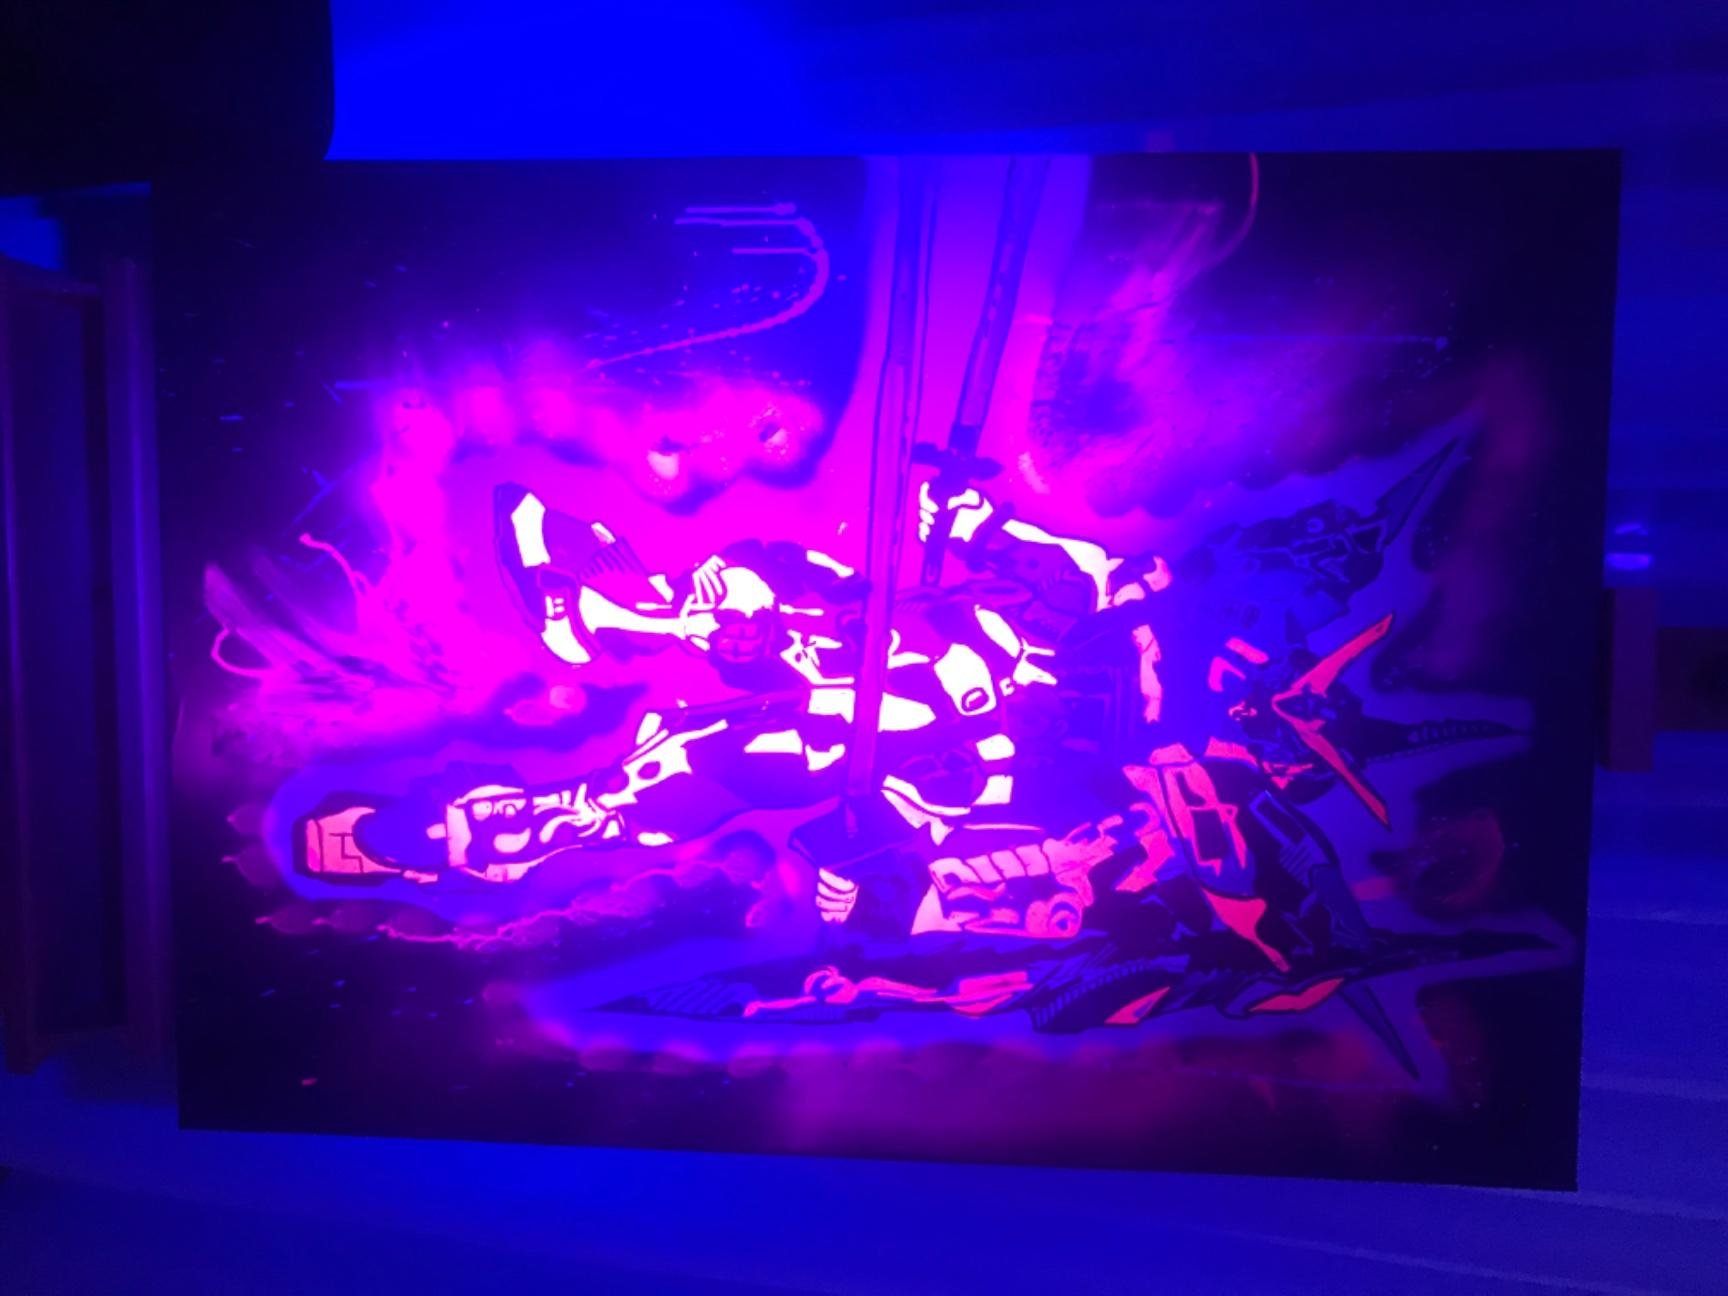 artigall: Gundamstyle  Gemälde skywalker